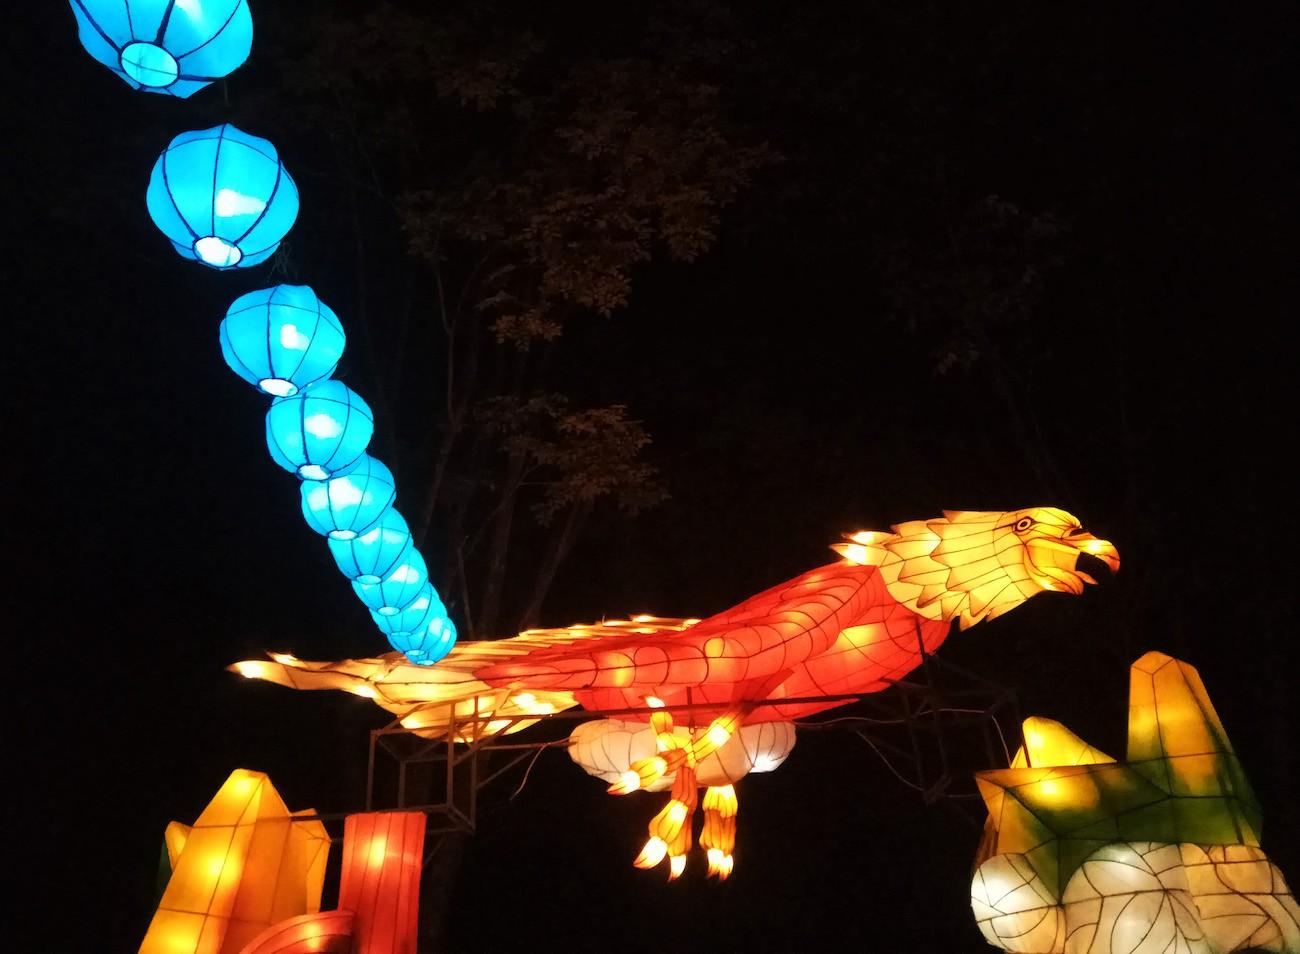 An eagle-shaped lantern at Taman Pelangi.